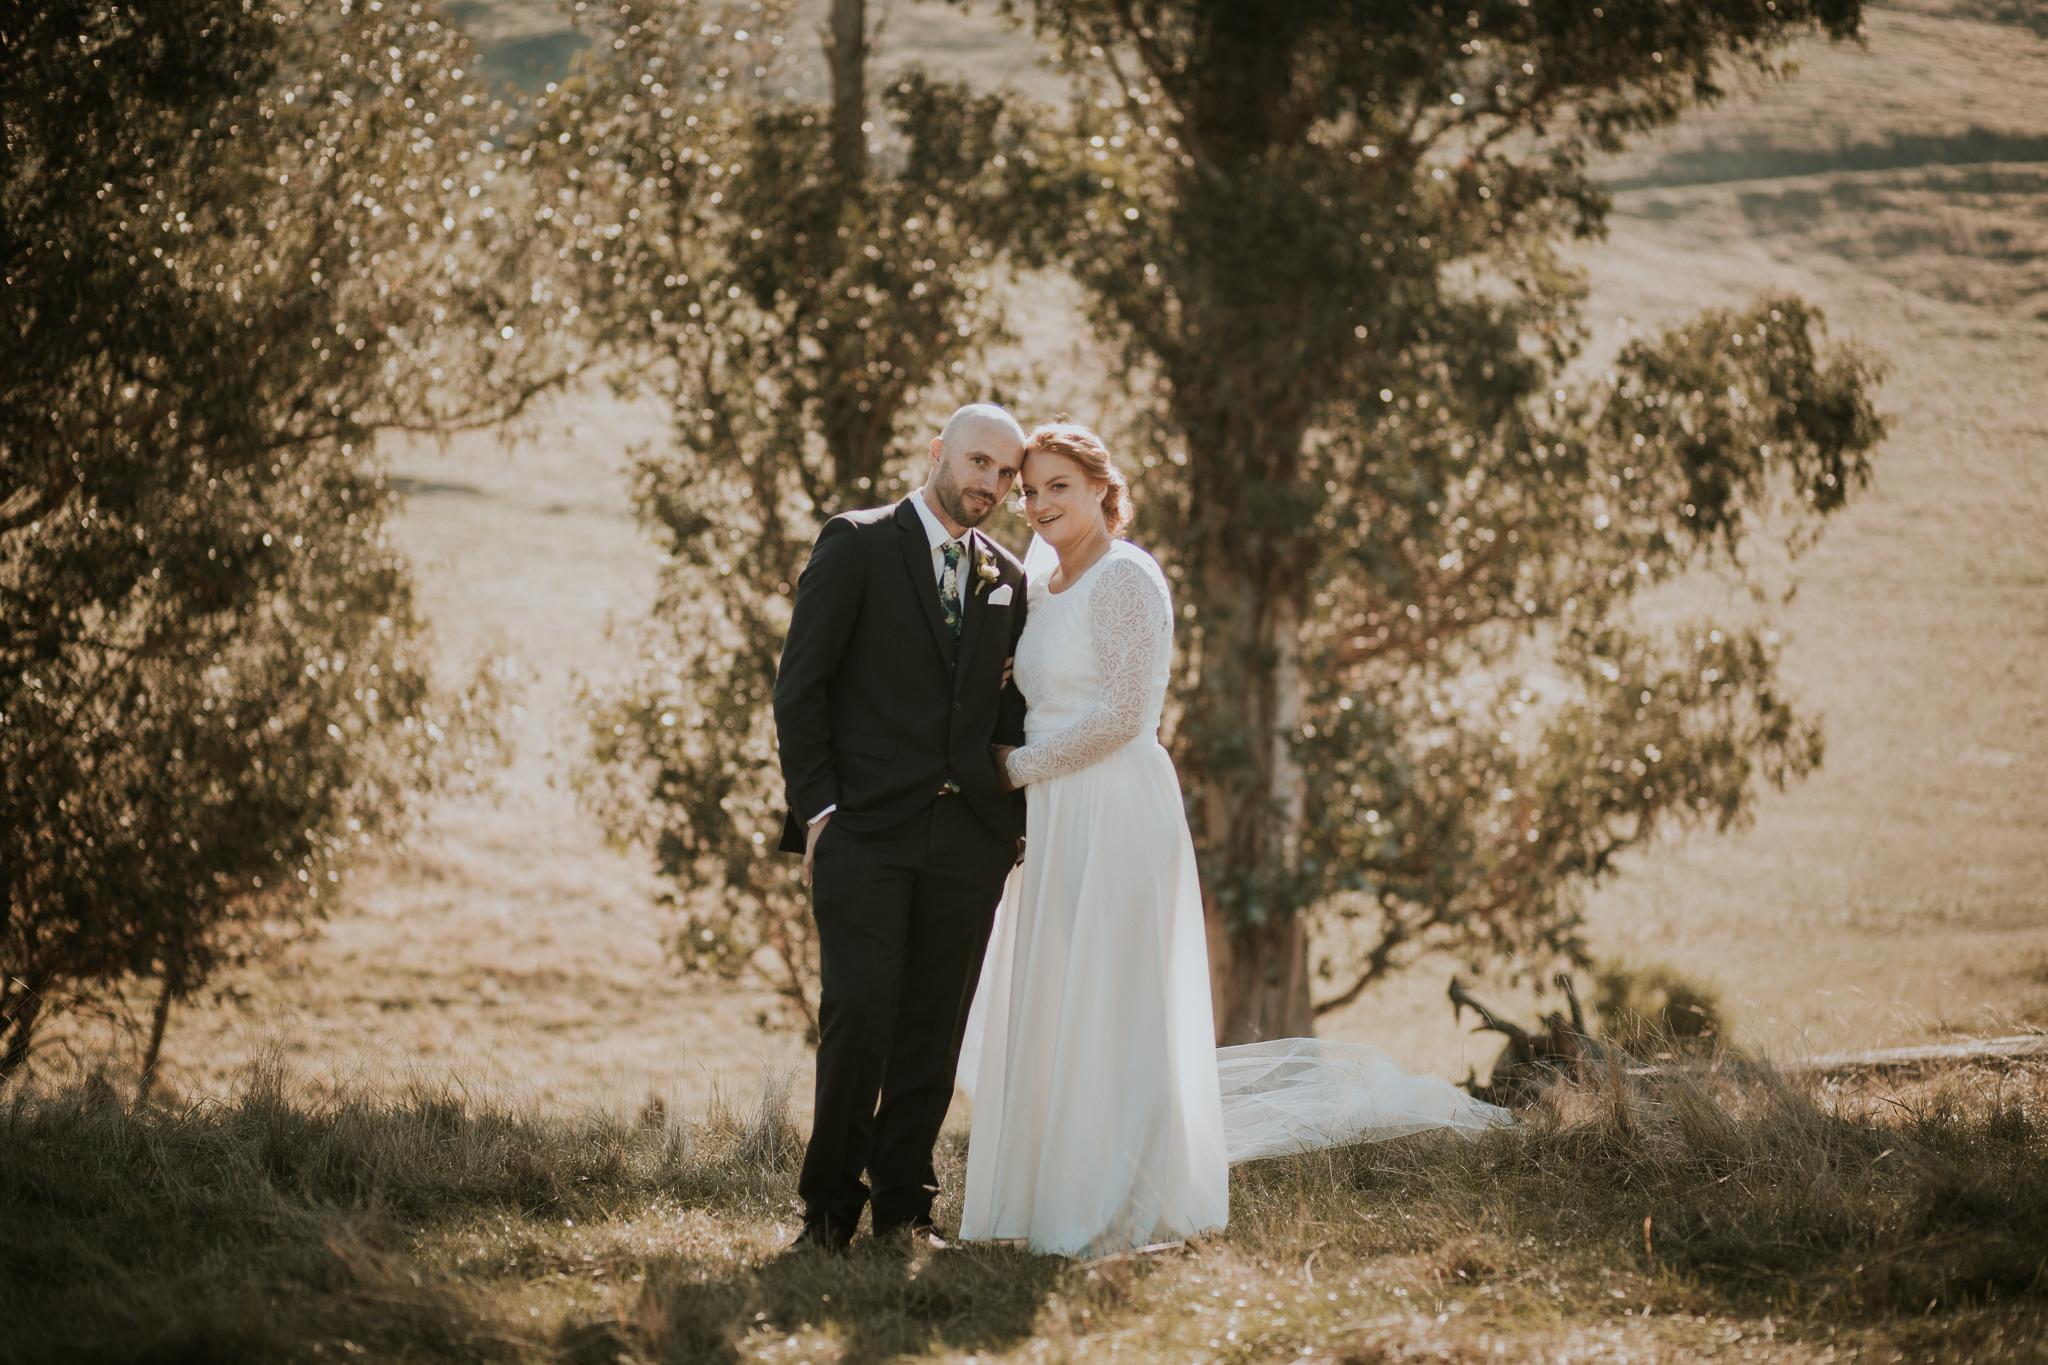 wedding photographer hawkes bay , Lisa Fisher Photography, Selini Winery Wedding -138.jpg